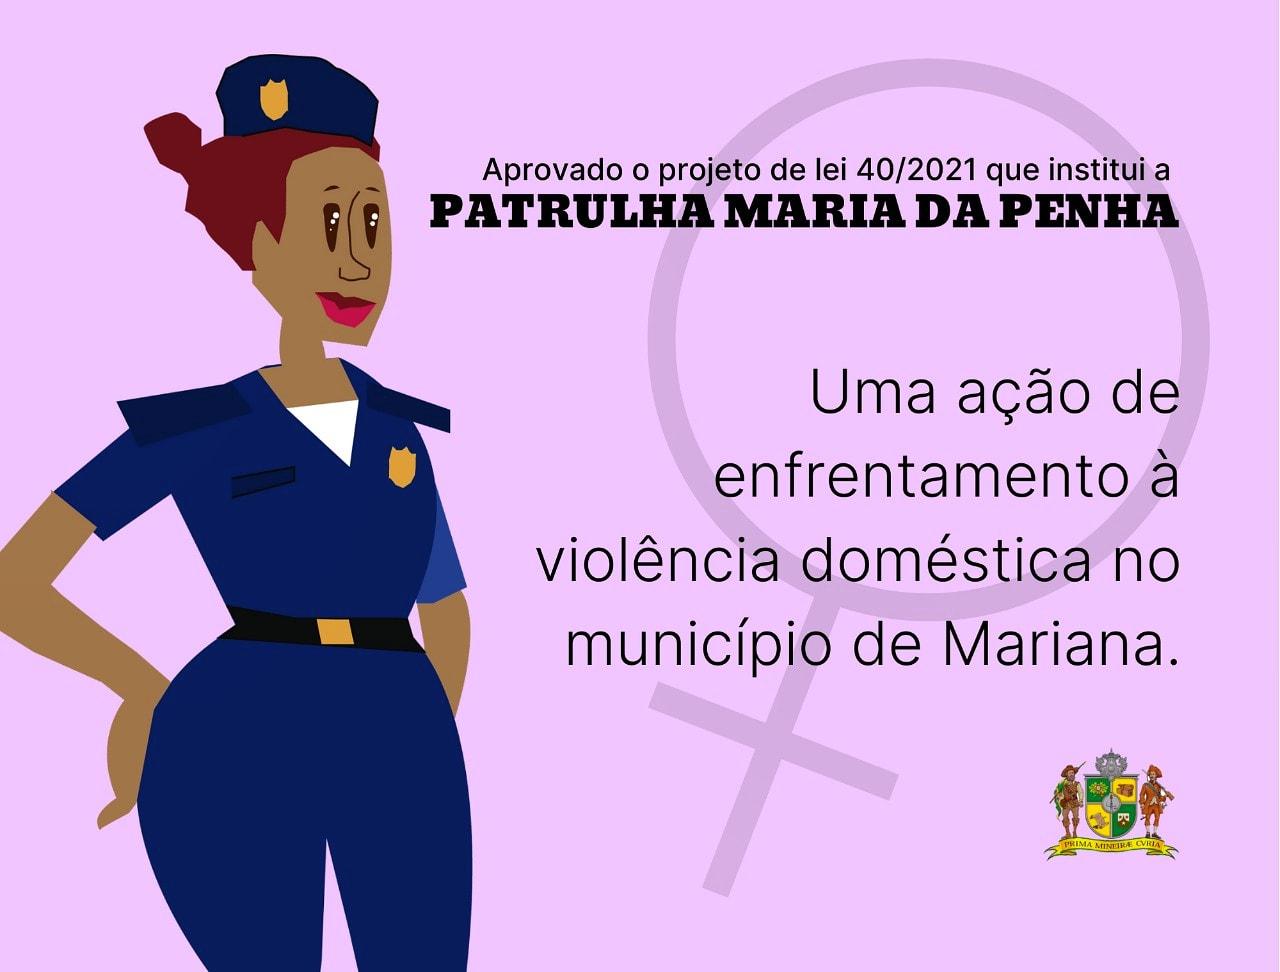 PROJETO DE LEI QUE CRIA PATRULHA MARIA DA PENHA É APROVADO N